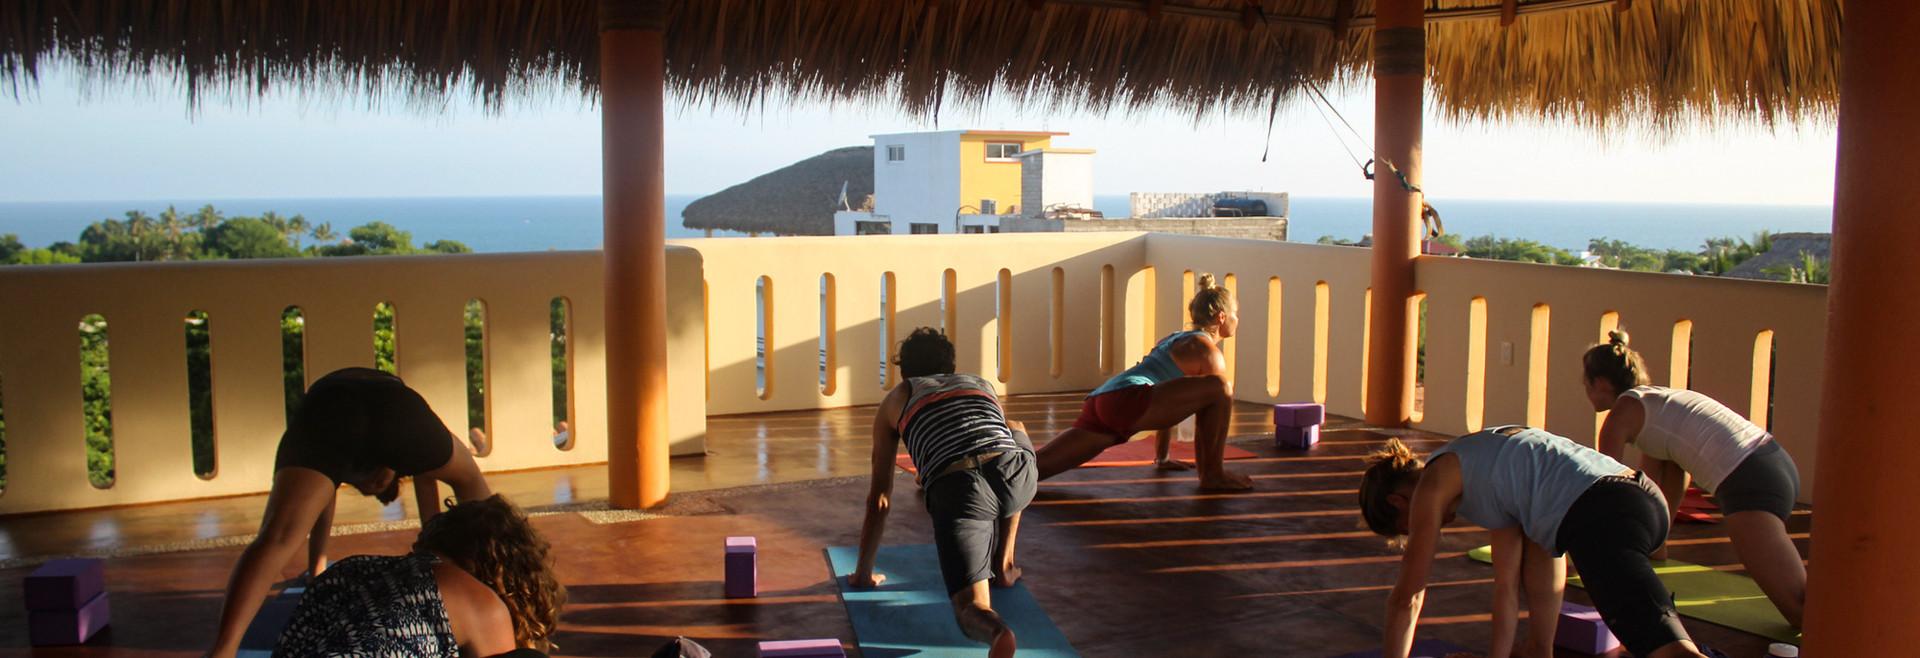 yoga 1a.jpg